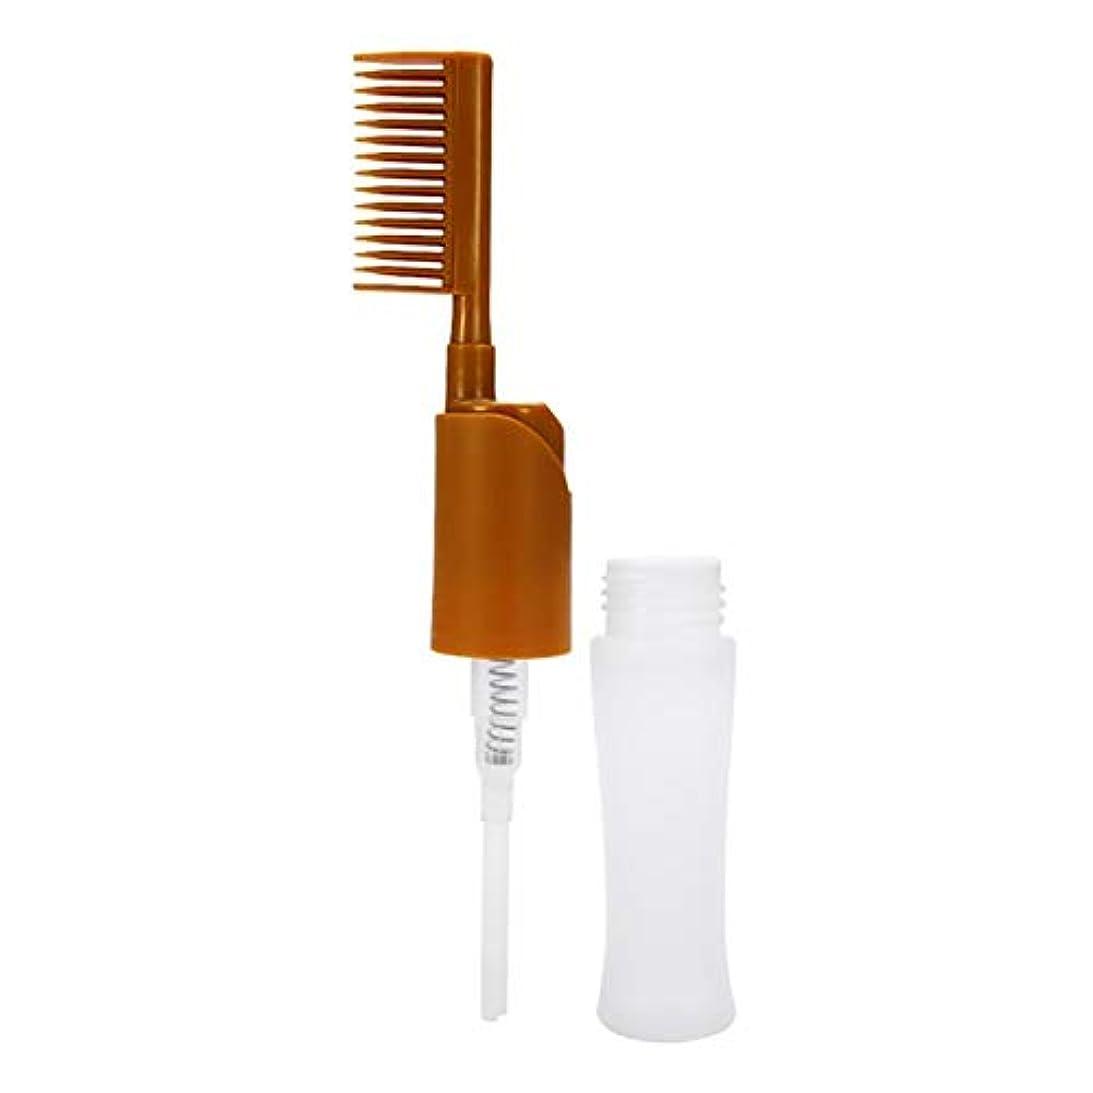 いわゆる最高ジレンマ櫛染毛の毛は、プロ型ディスペンサーボトル櫛毛染めアプリケータボトルスタイリングツールの美しさを染めます